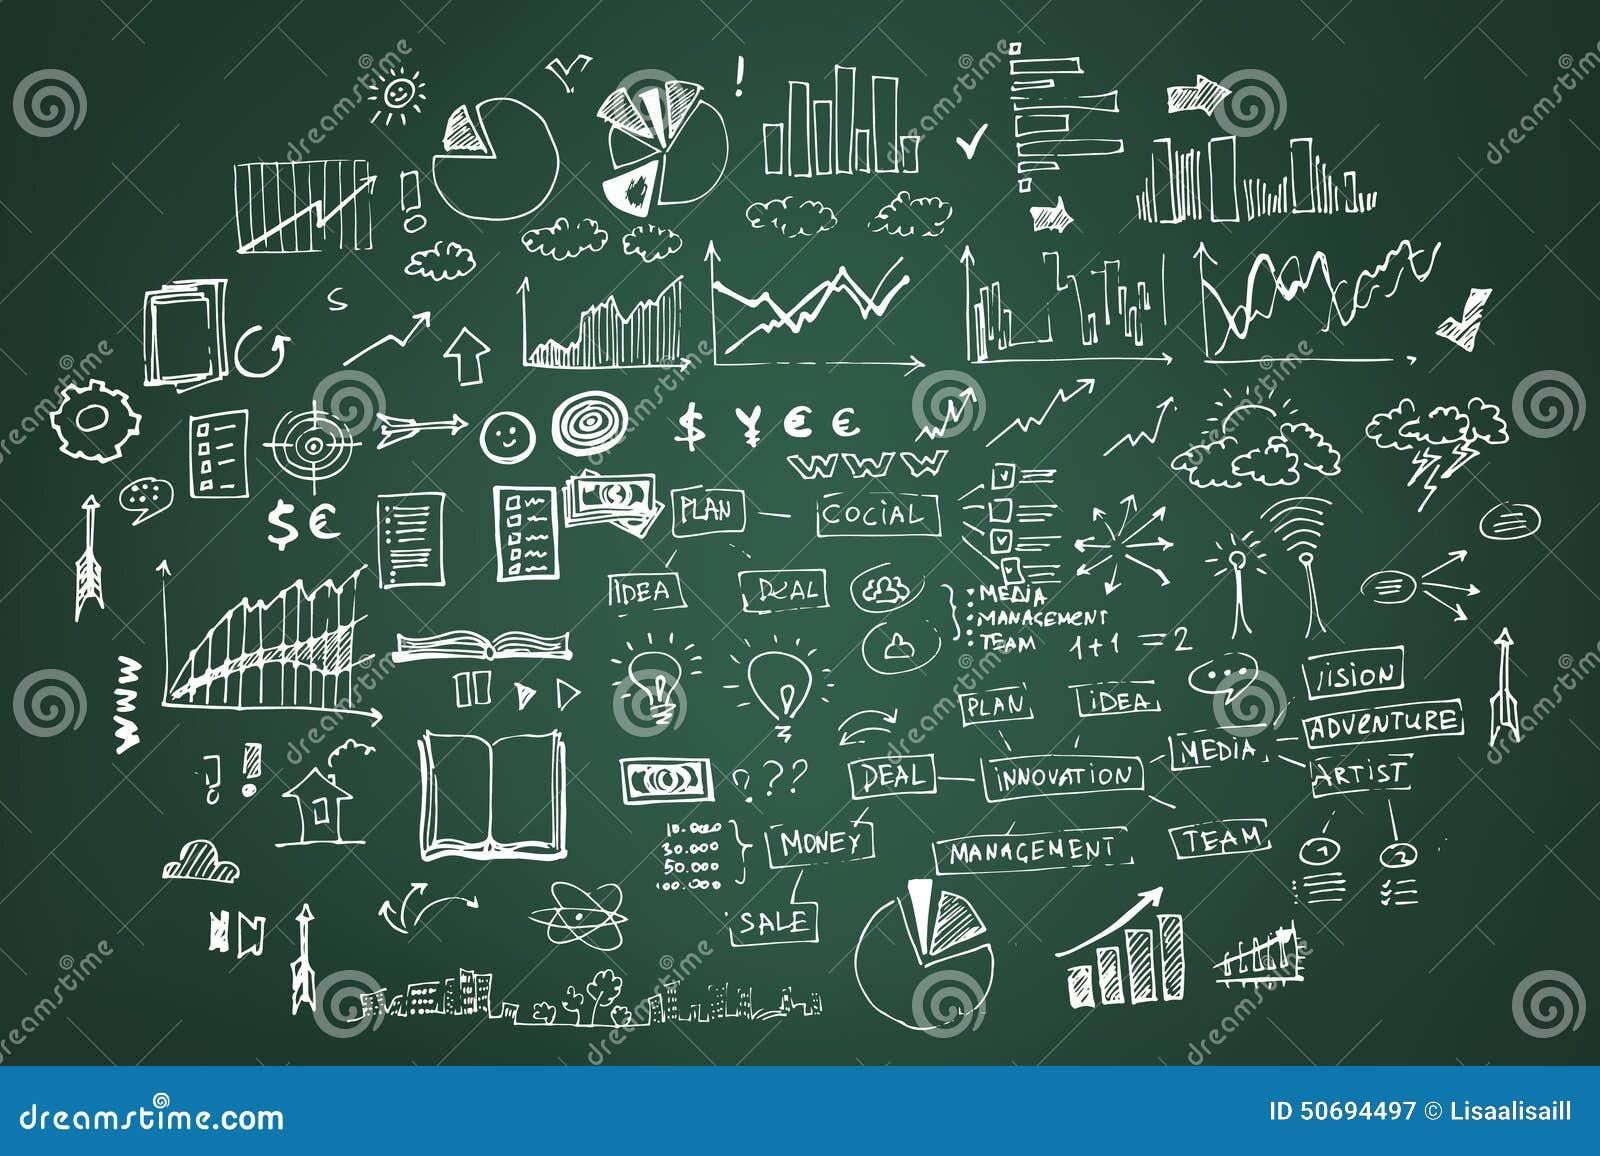 Επιχείρηση doodles σε σκούρο πράσινο